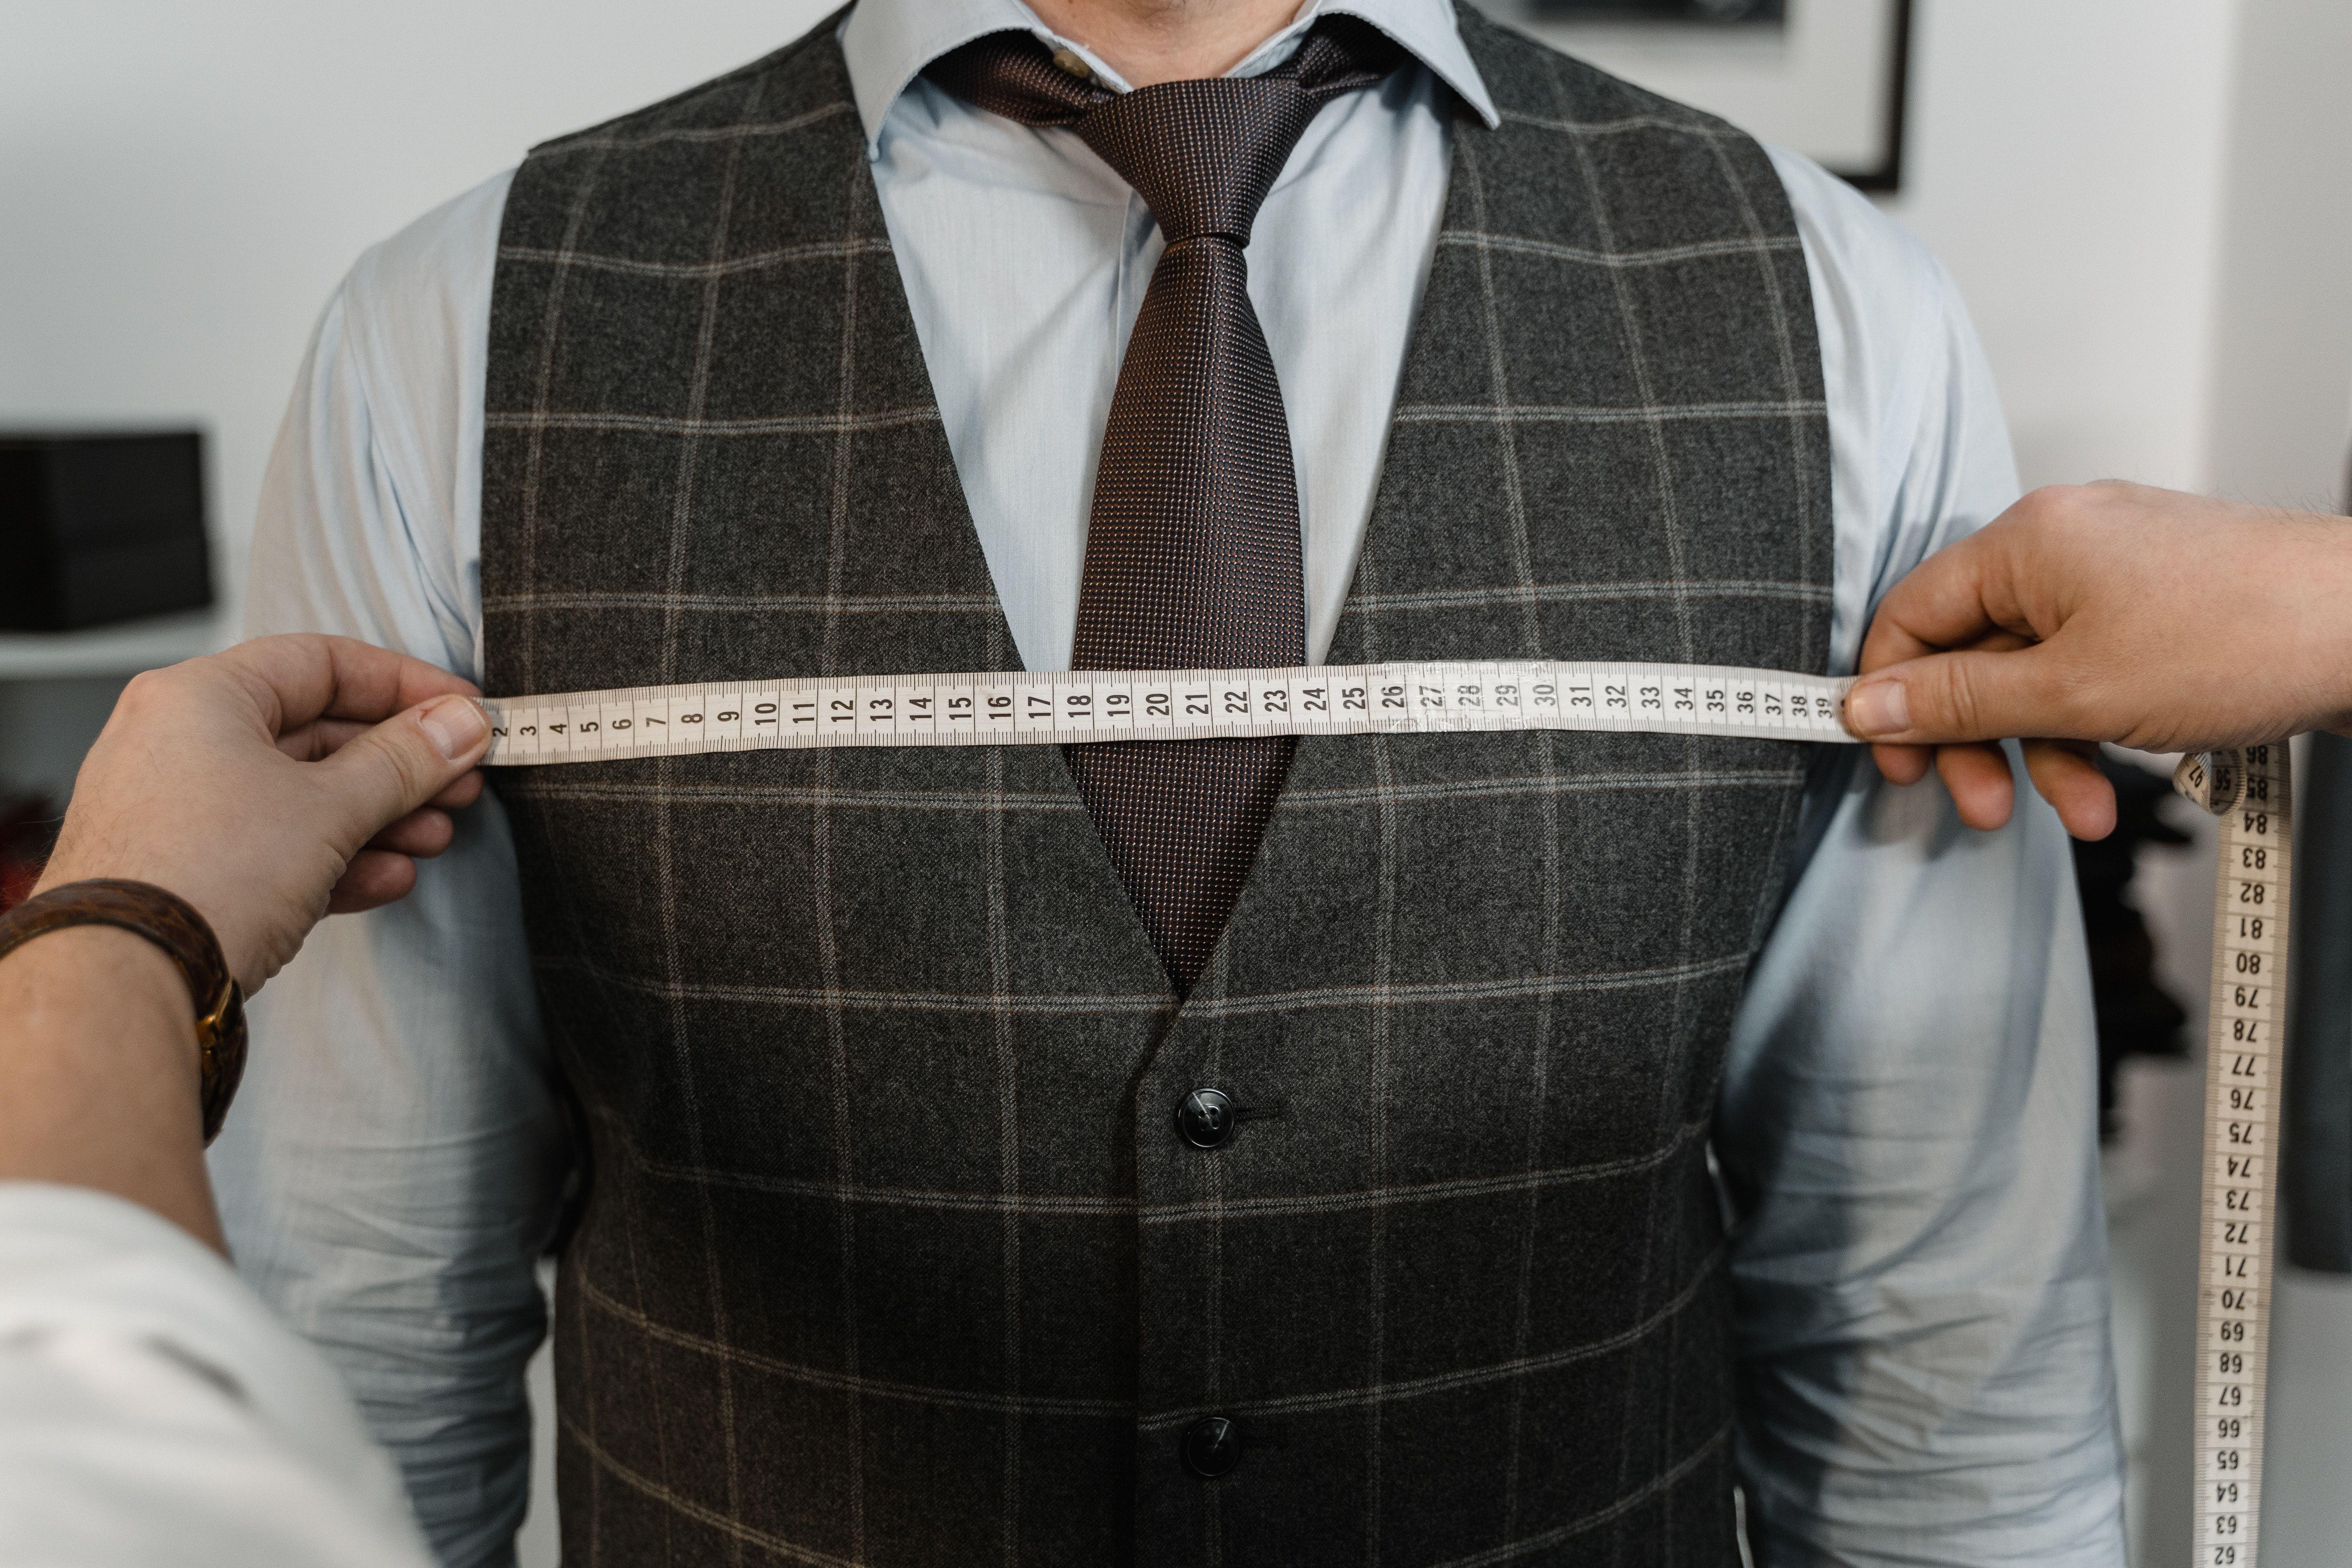 اندازهگیری سایزهای بدن برای تعیین سایز لباس